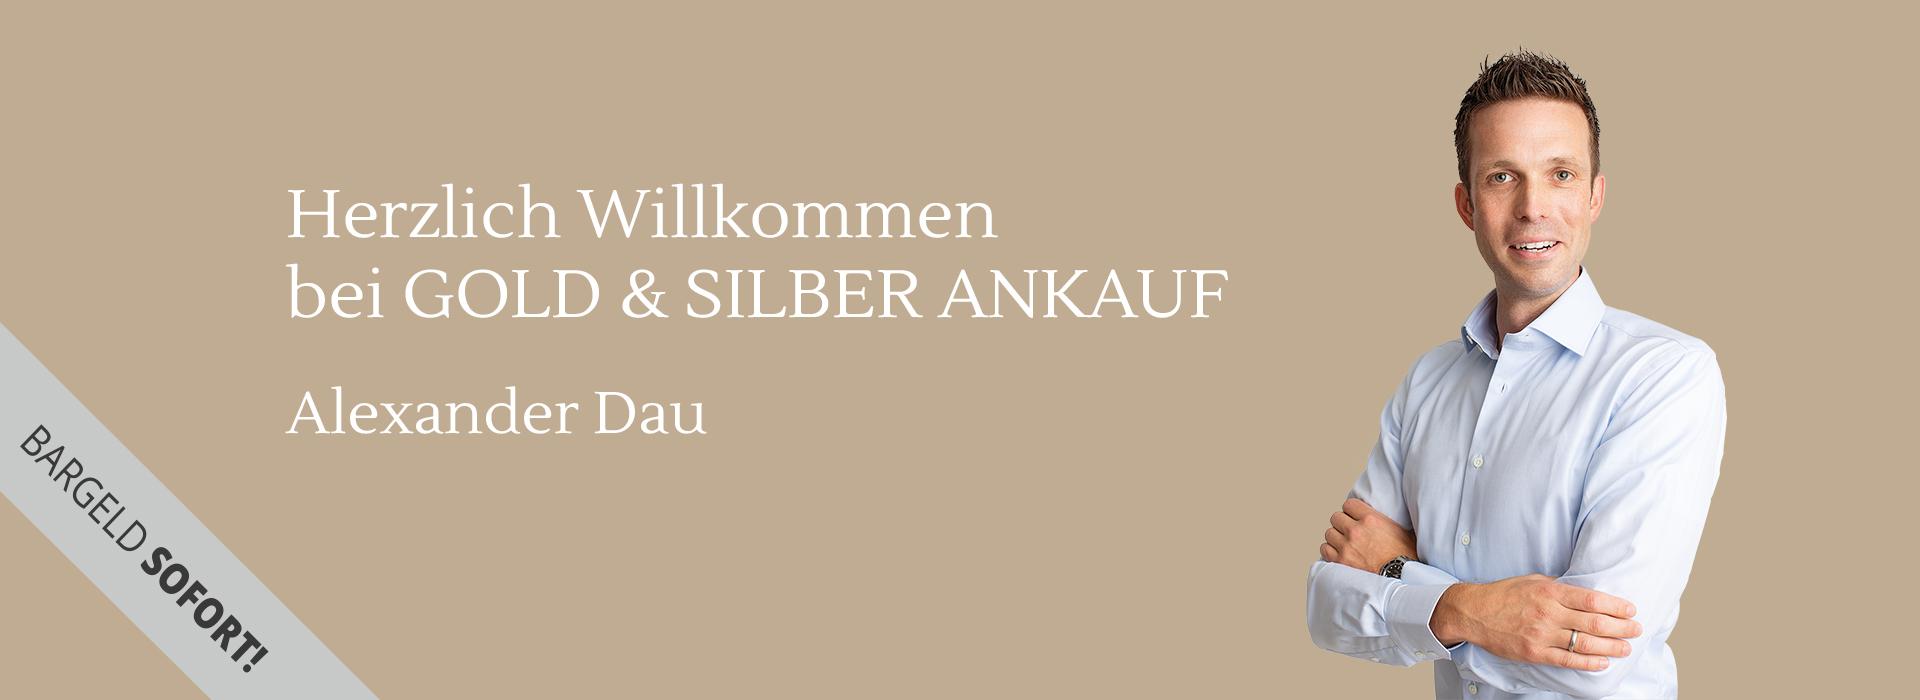 alexander-dau-goldankauf-reinbek-mobile-ansicht2